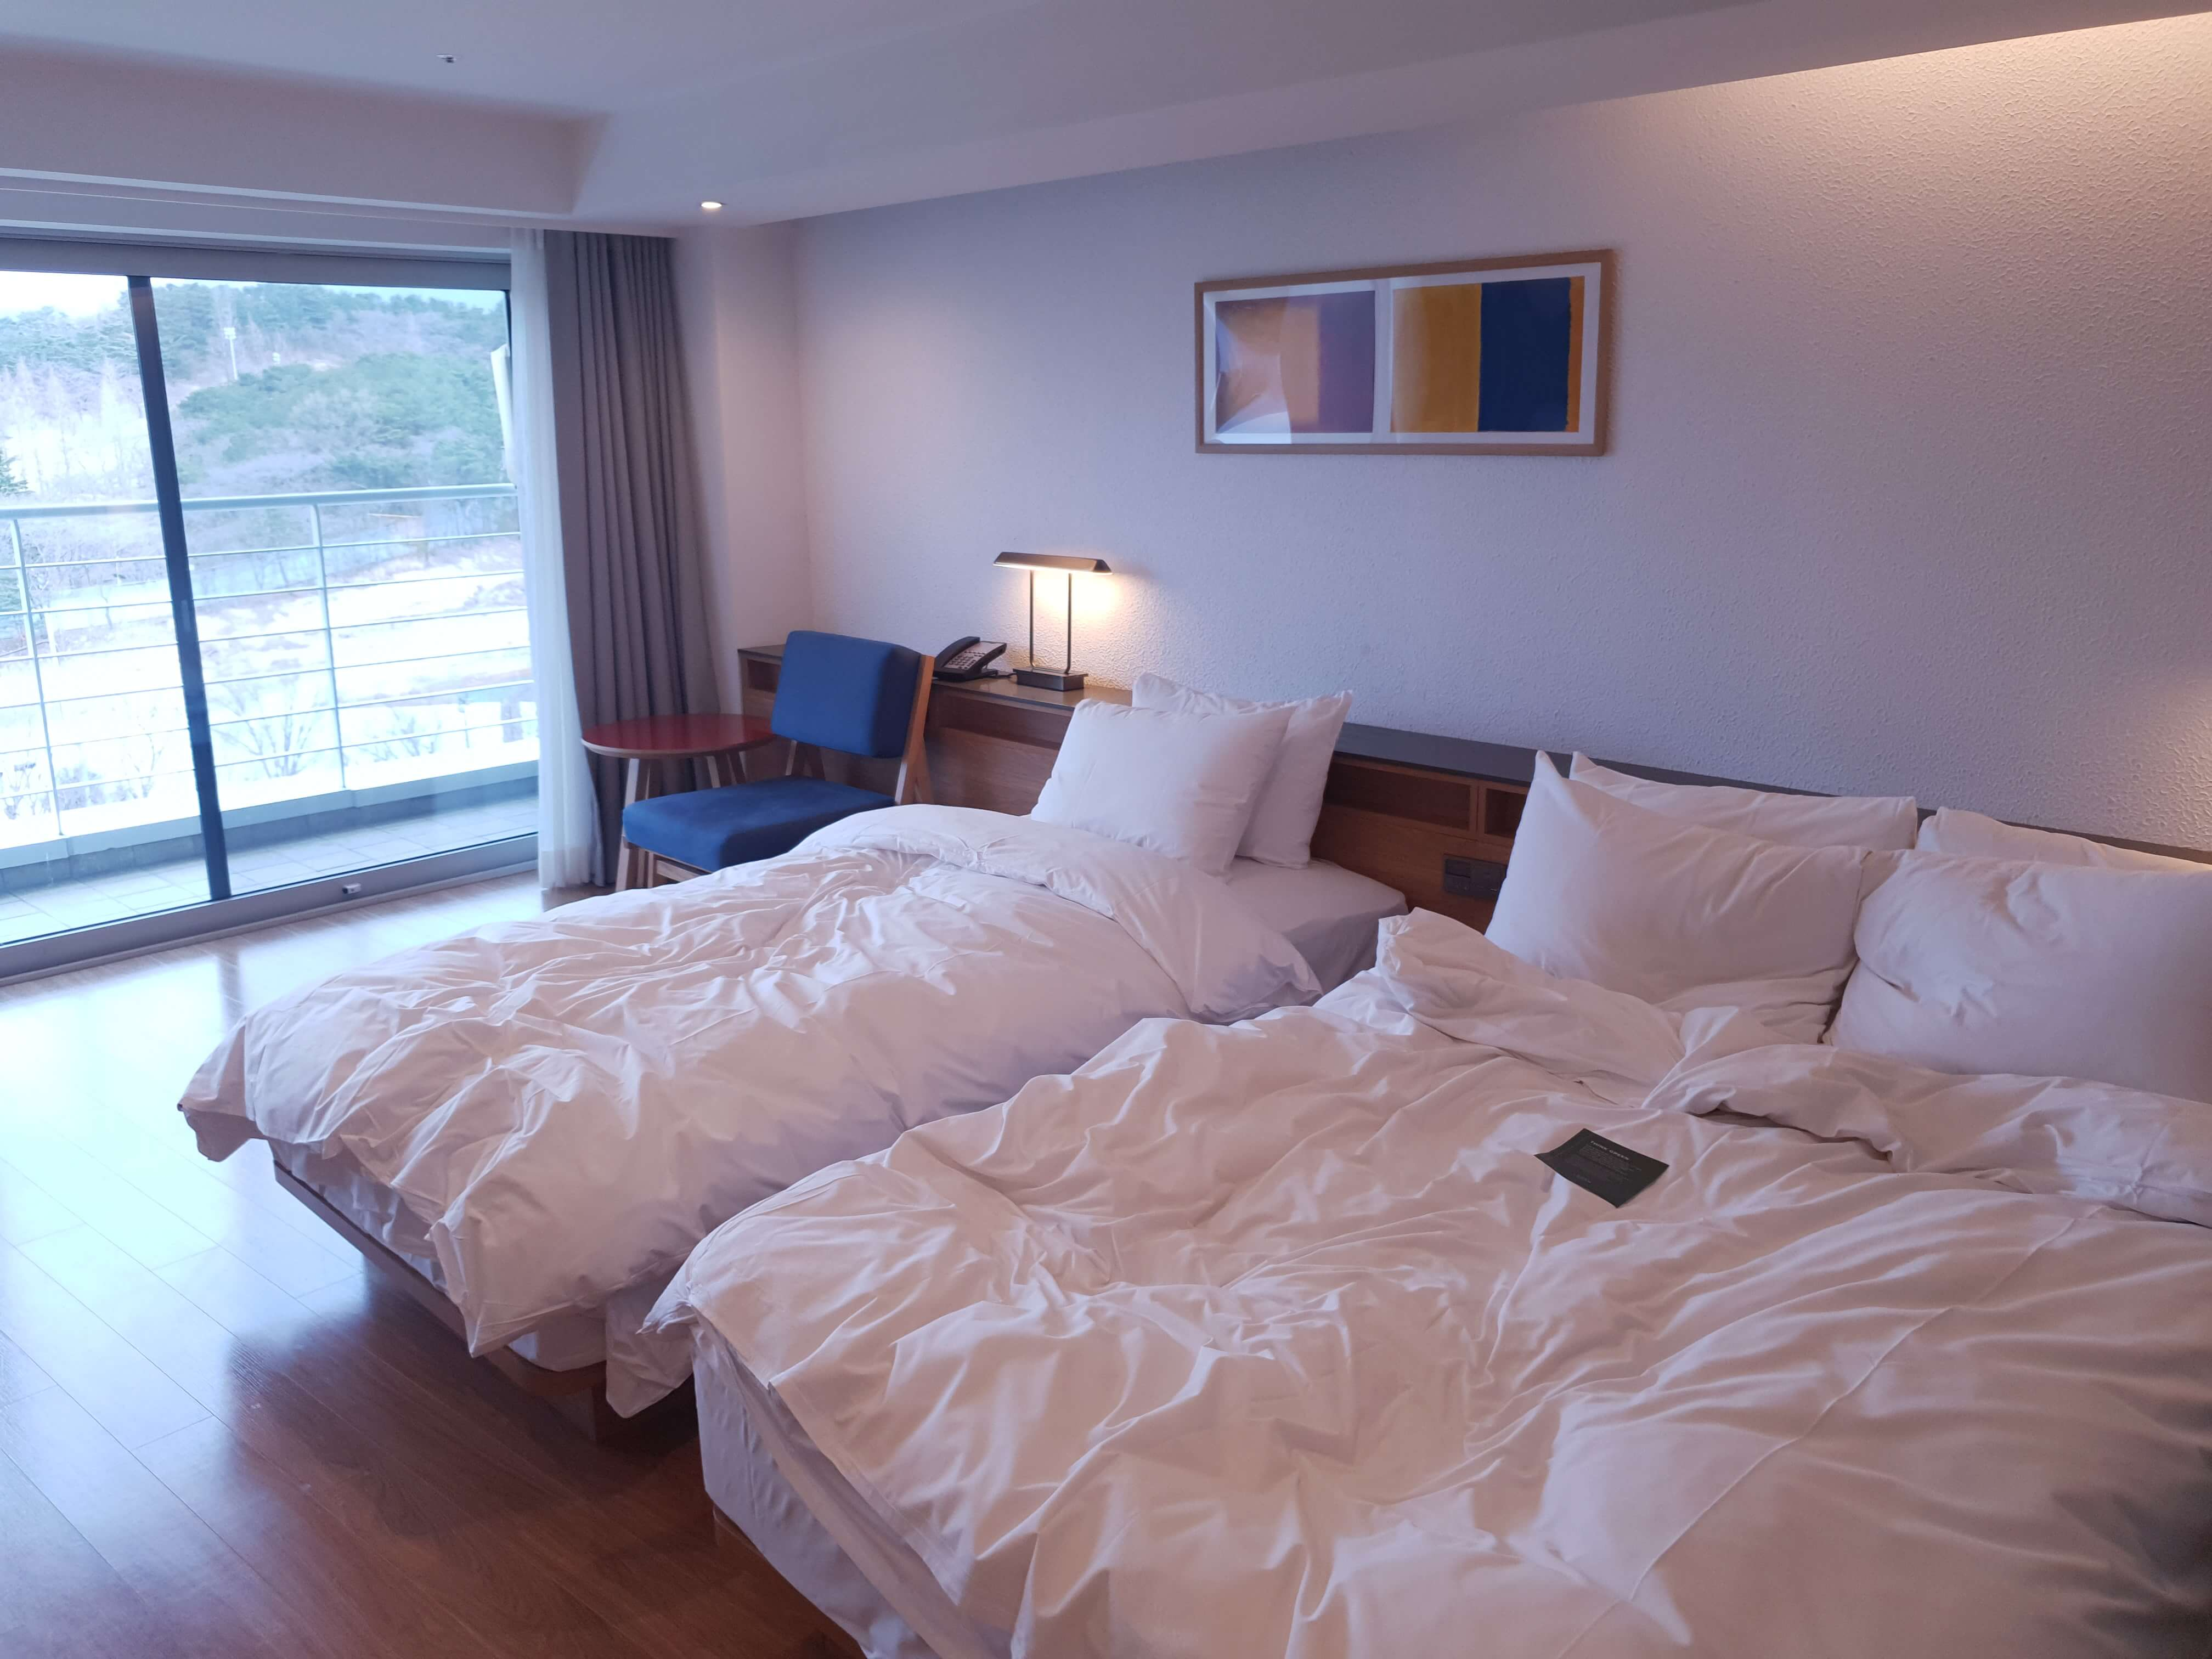 경주-라한셀렉트-호텔-침실방1-사진